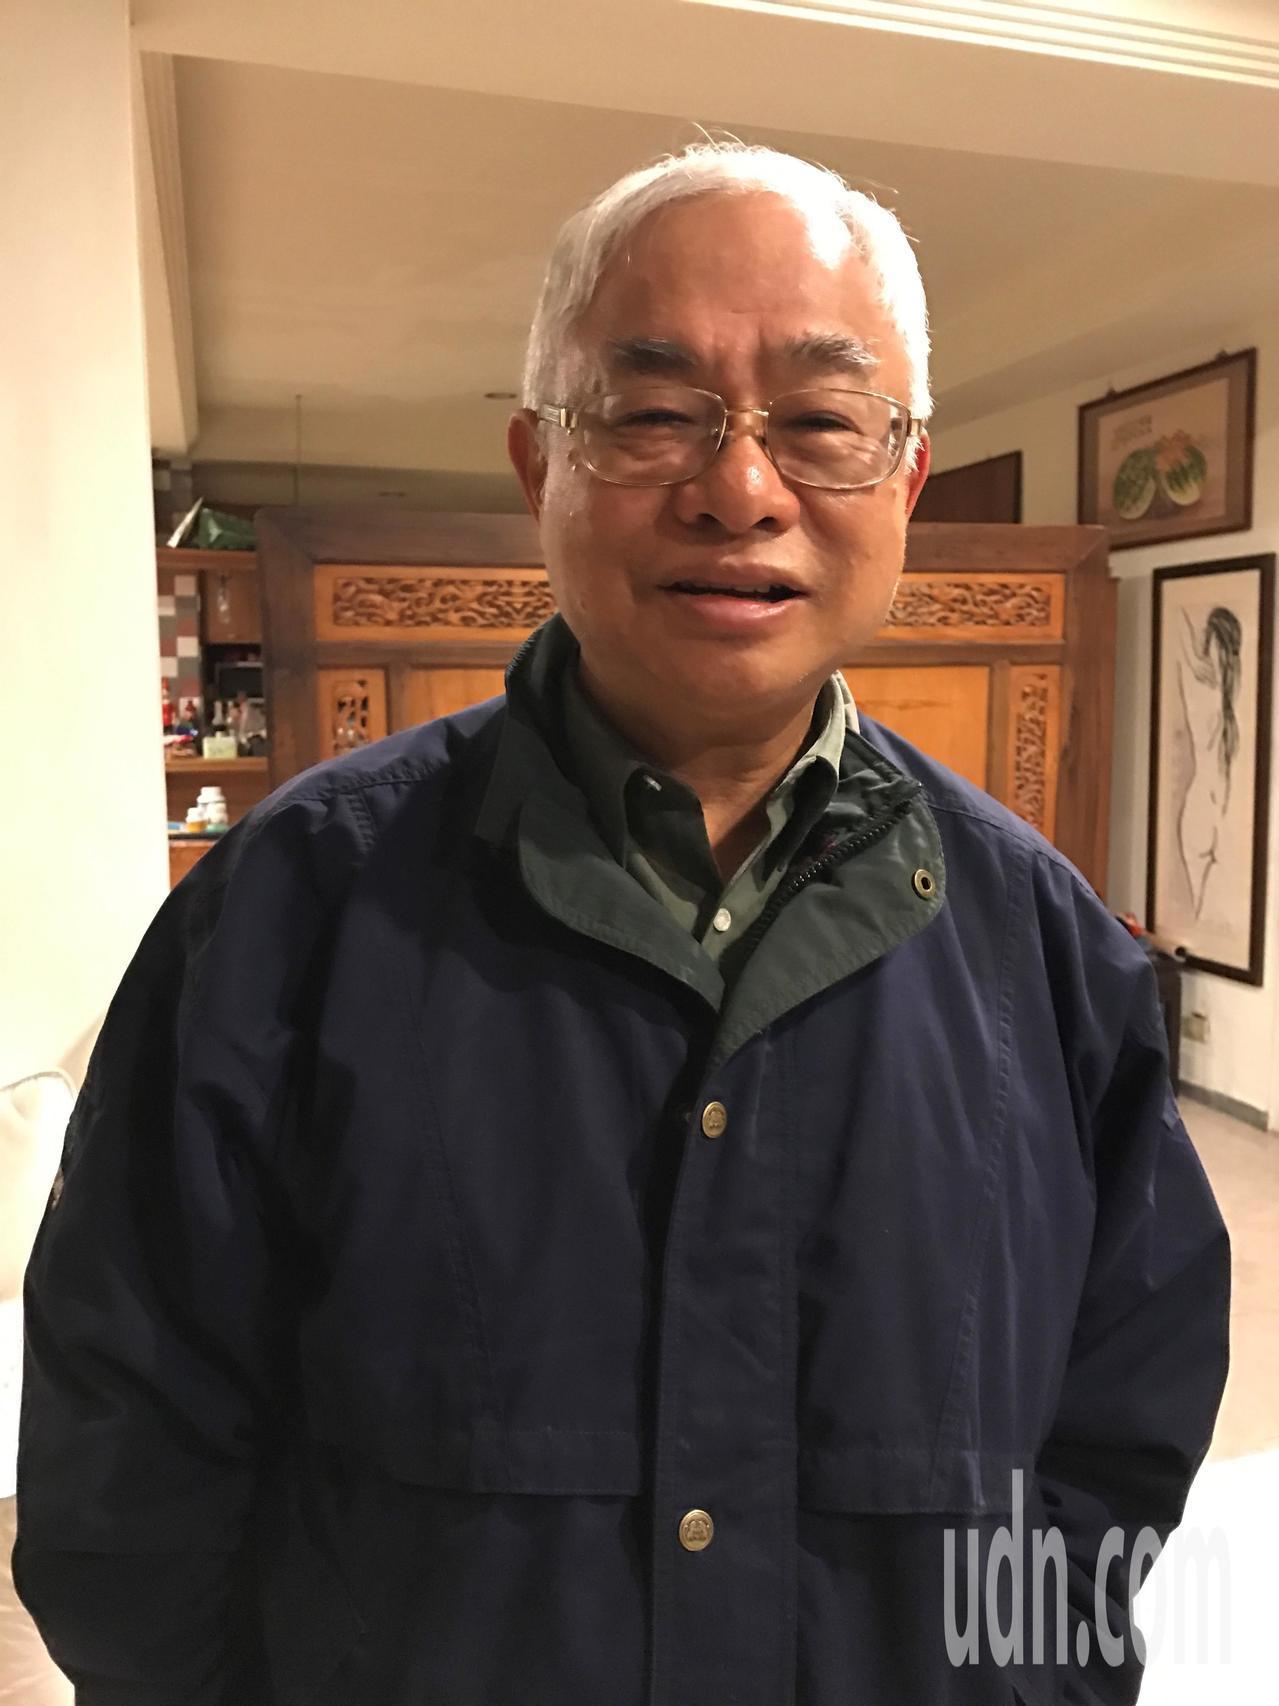 核四廠前廠長王伯輝一直認為核四廠很重要,人家不可能把它放棄掉,轉眼3年封存今天到...